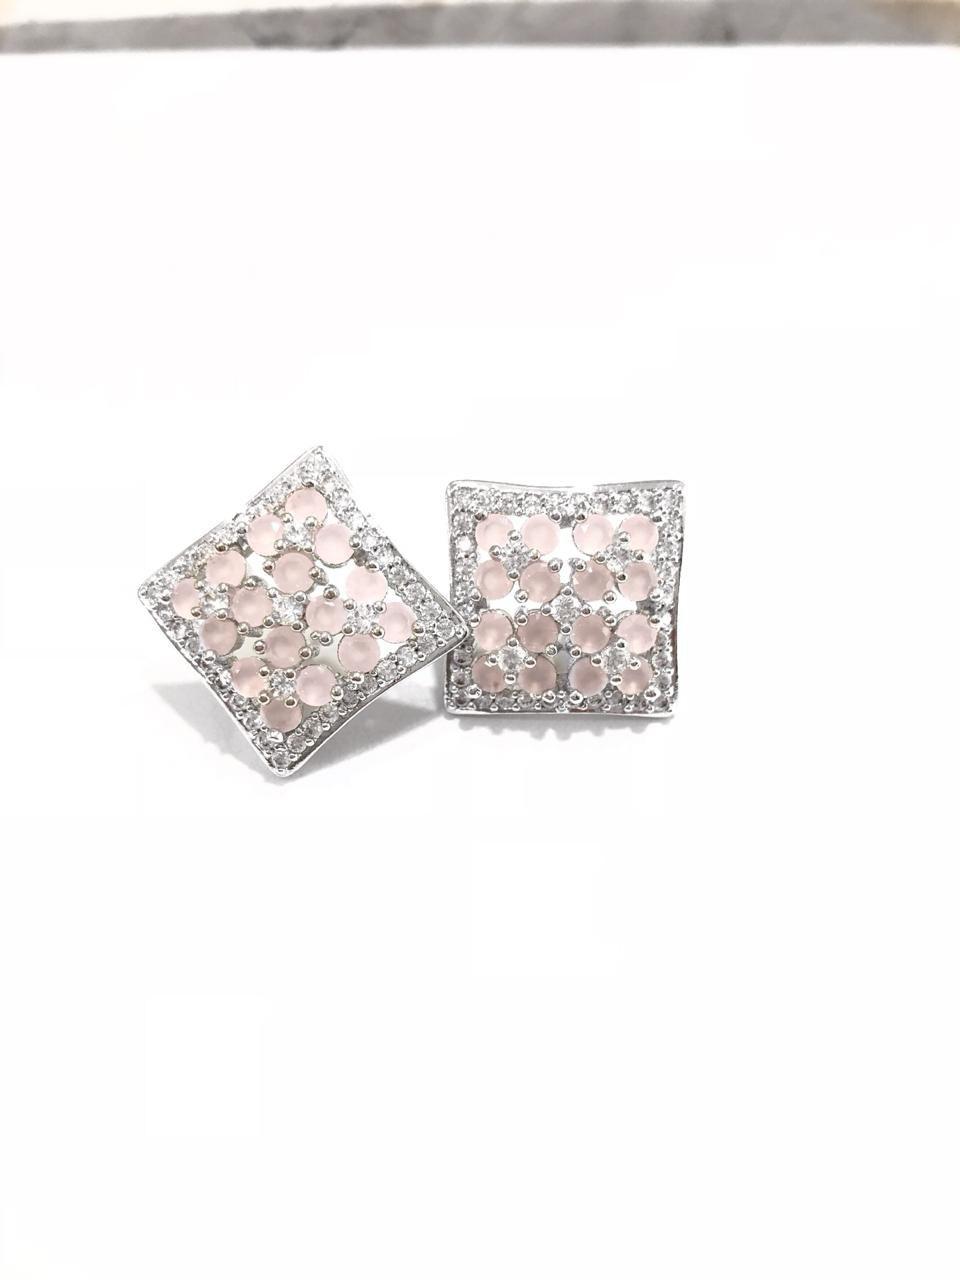 Brinco Quadrado Zircônia Branca E Rosa Banho Em Ródio